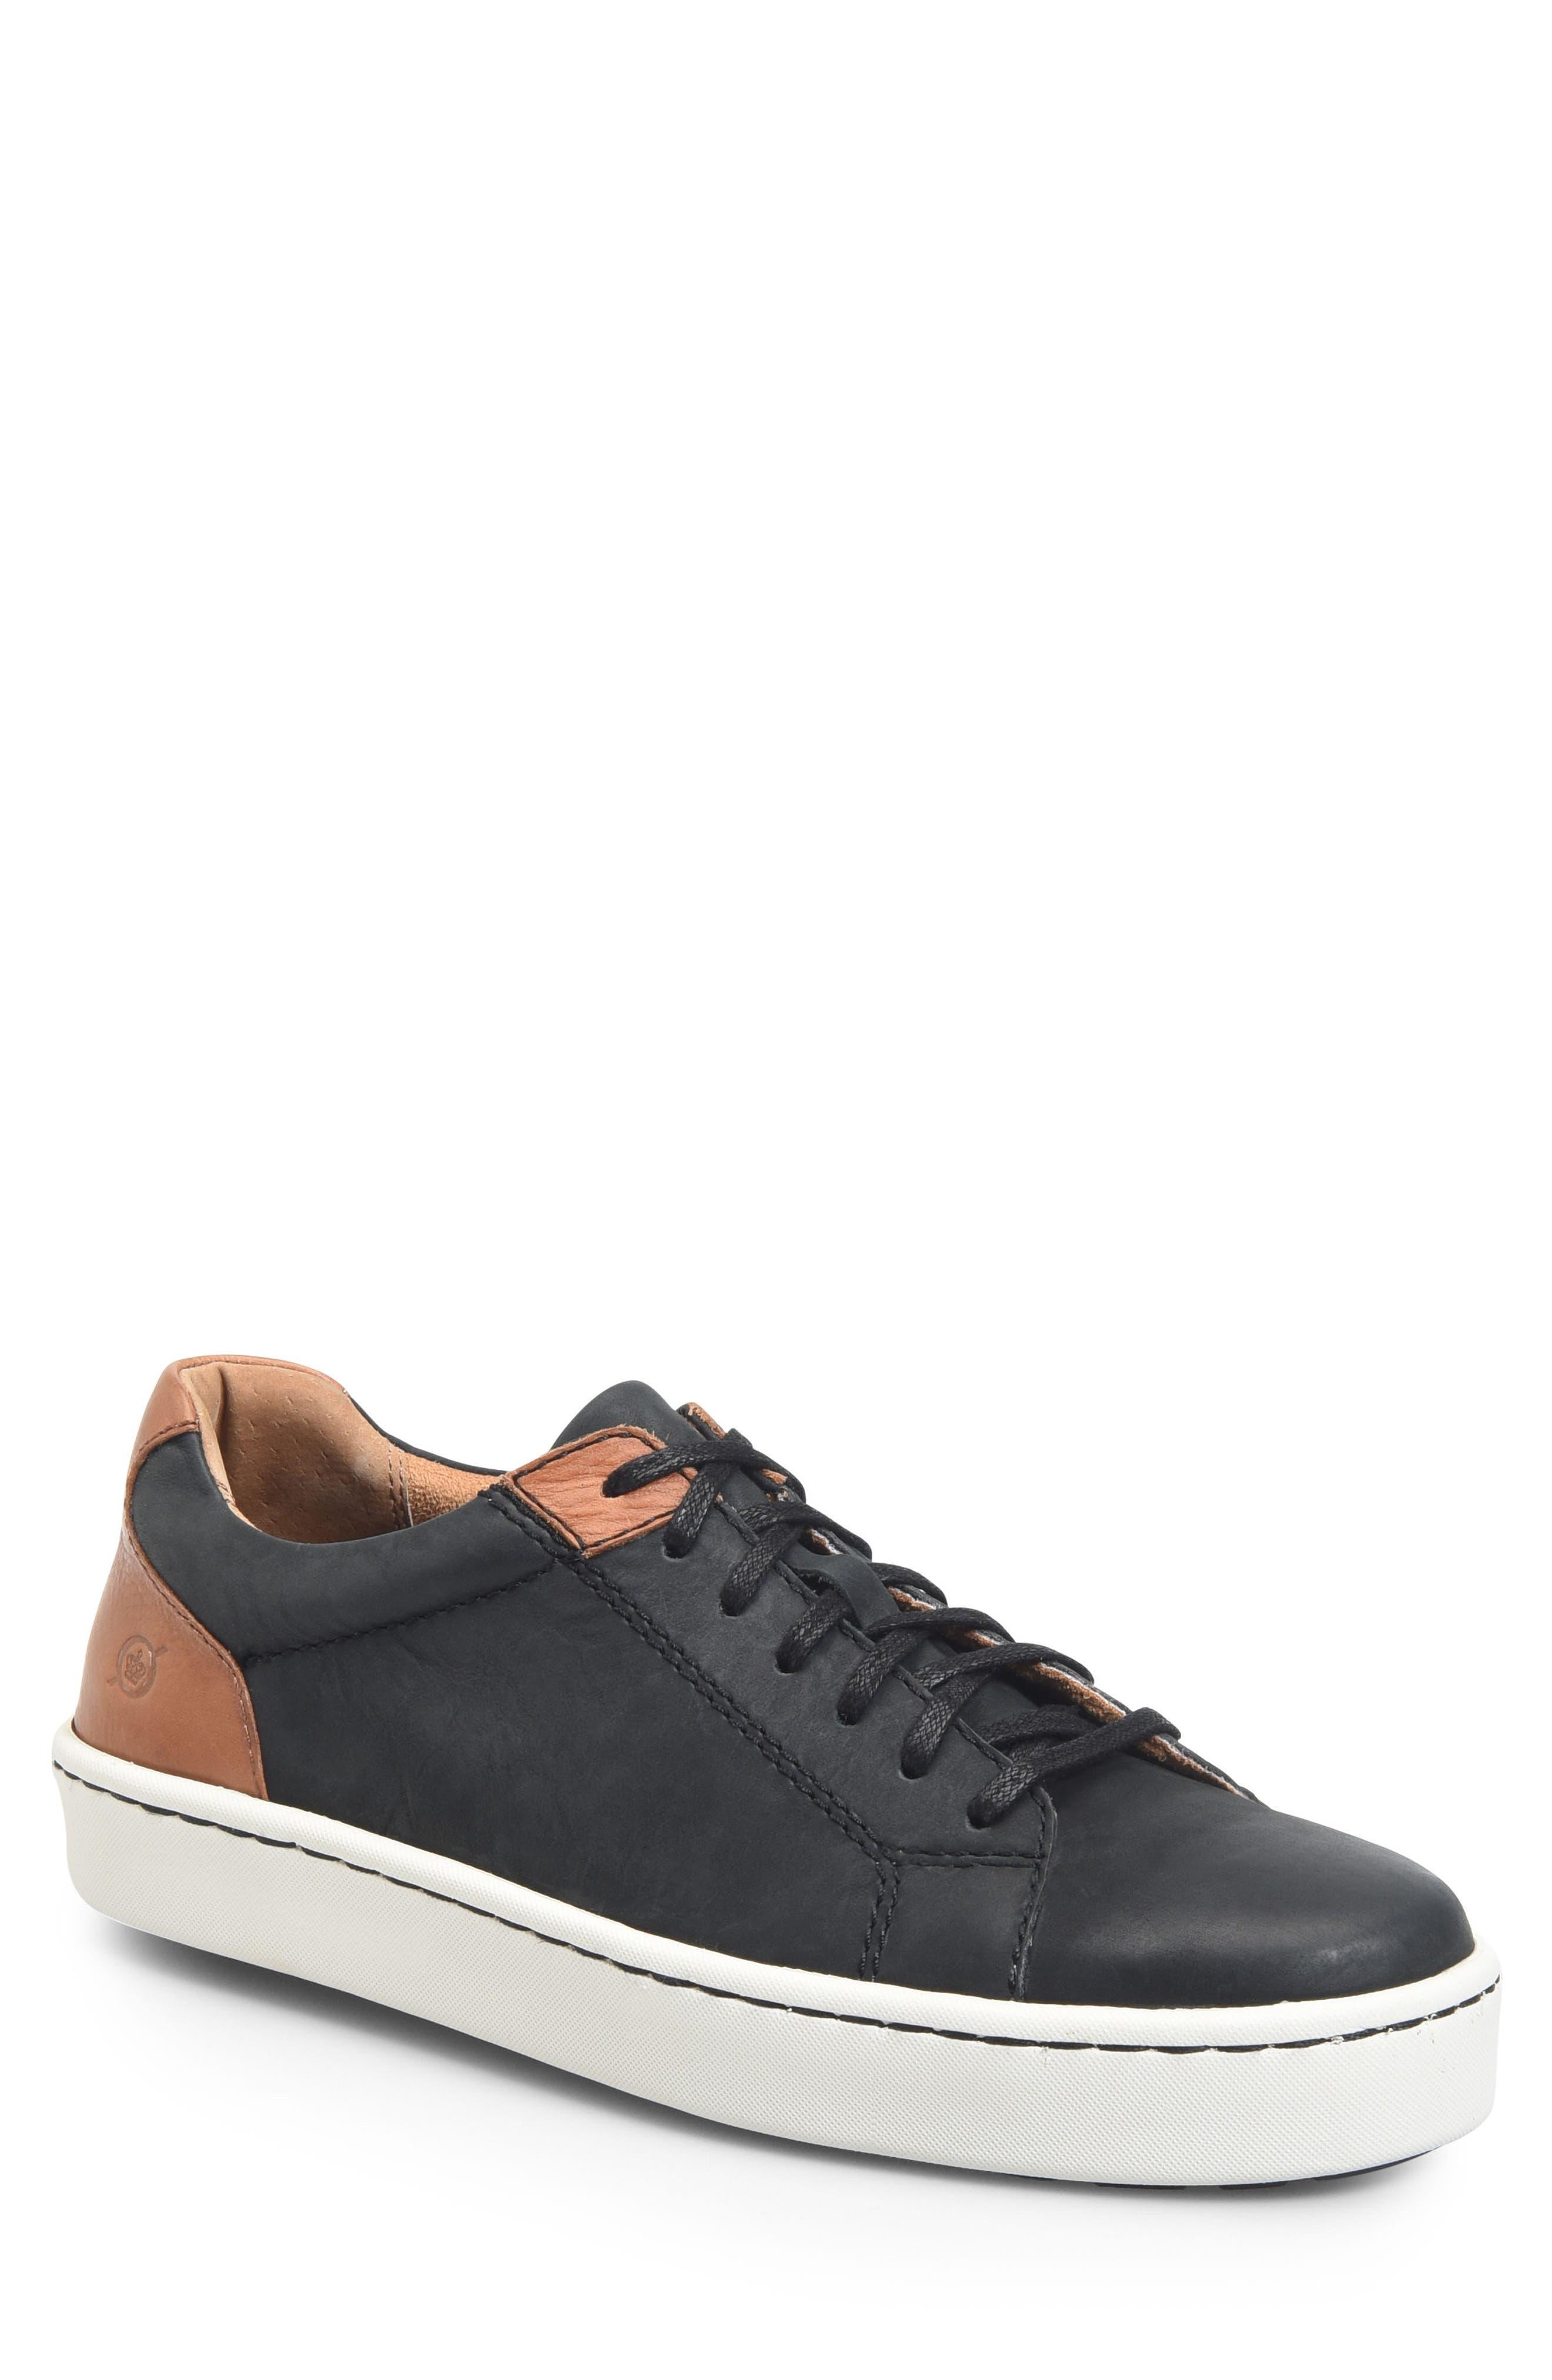 Jib Sneaker,                         Main,                         color, 001